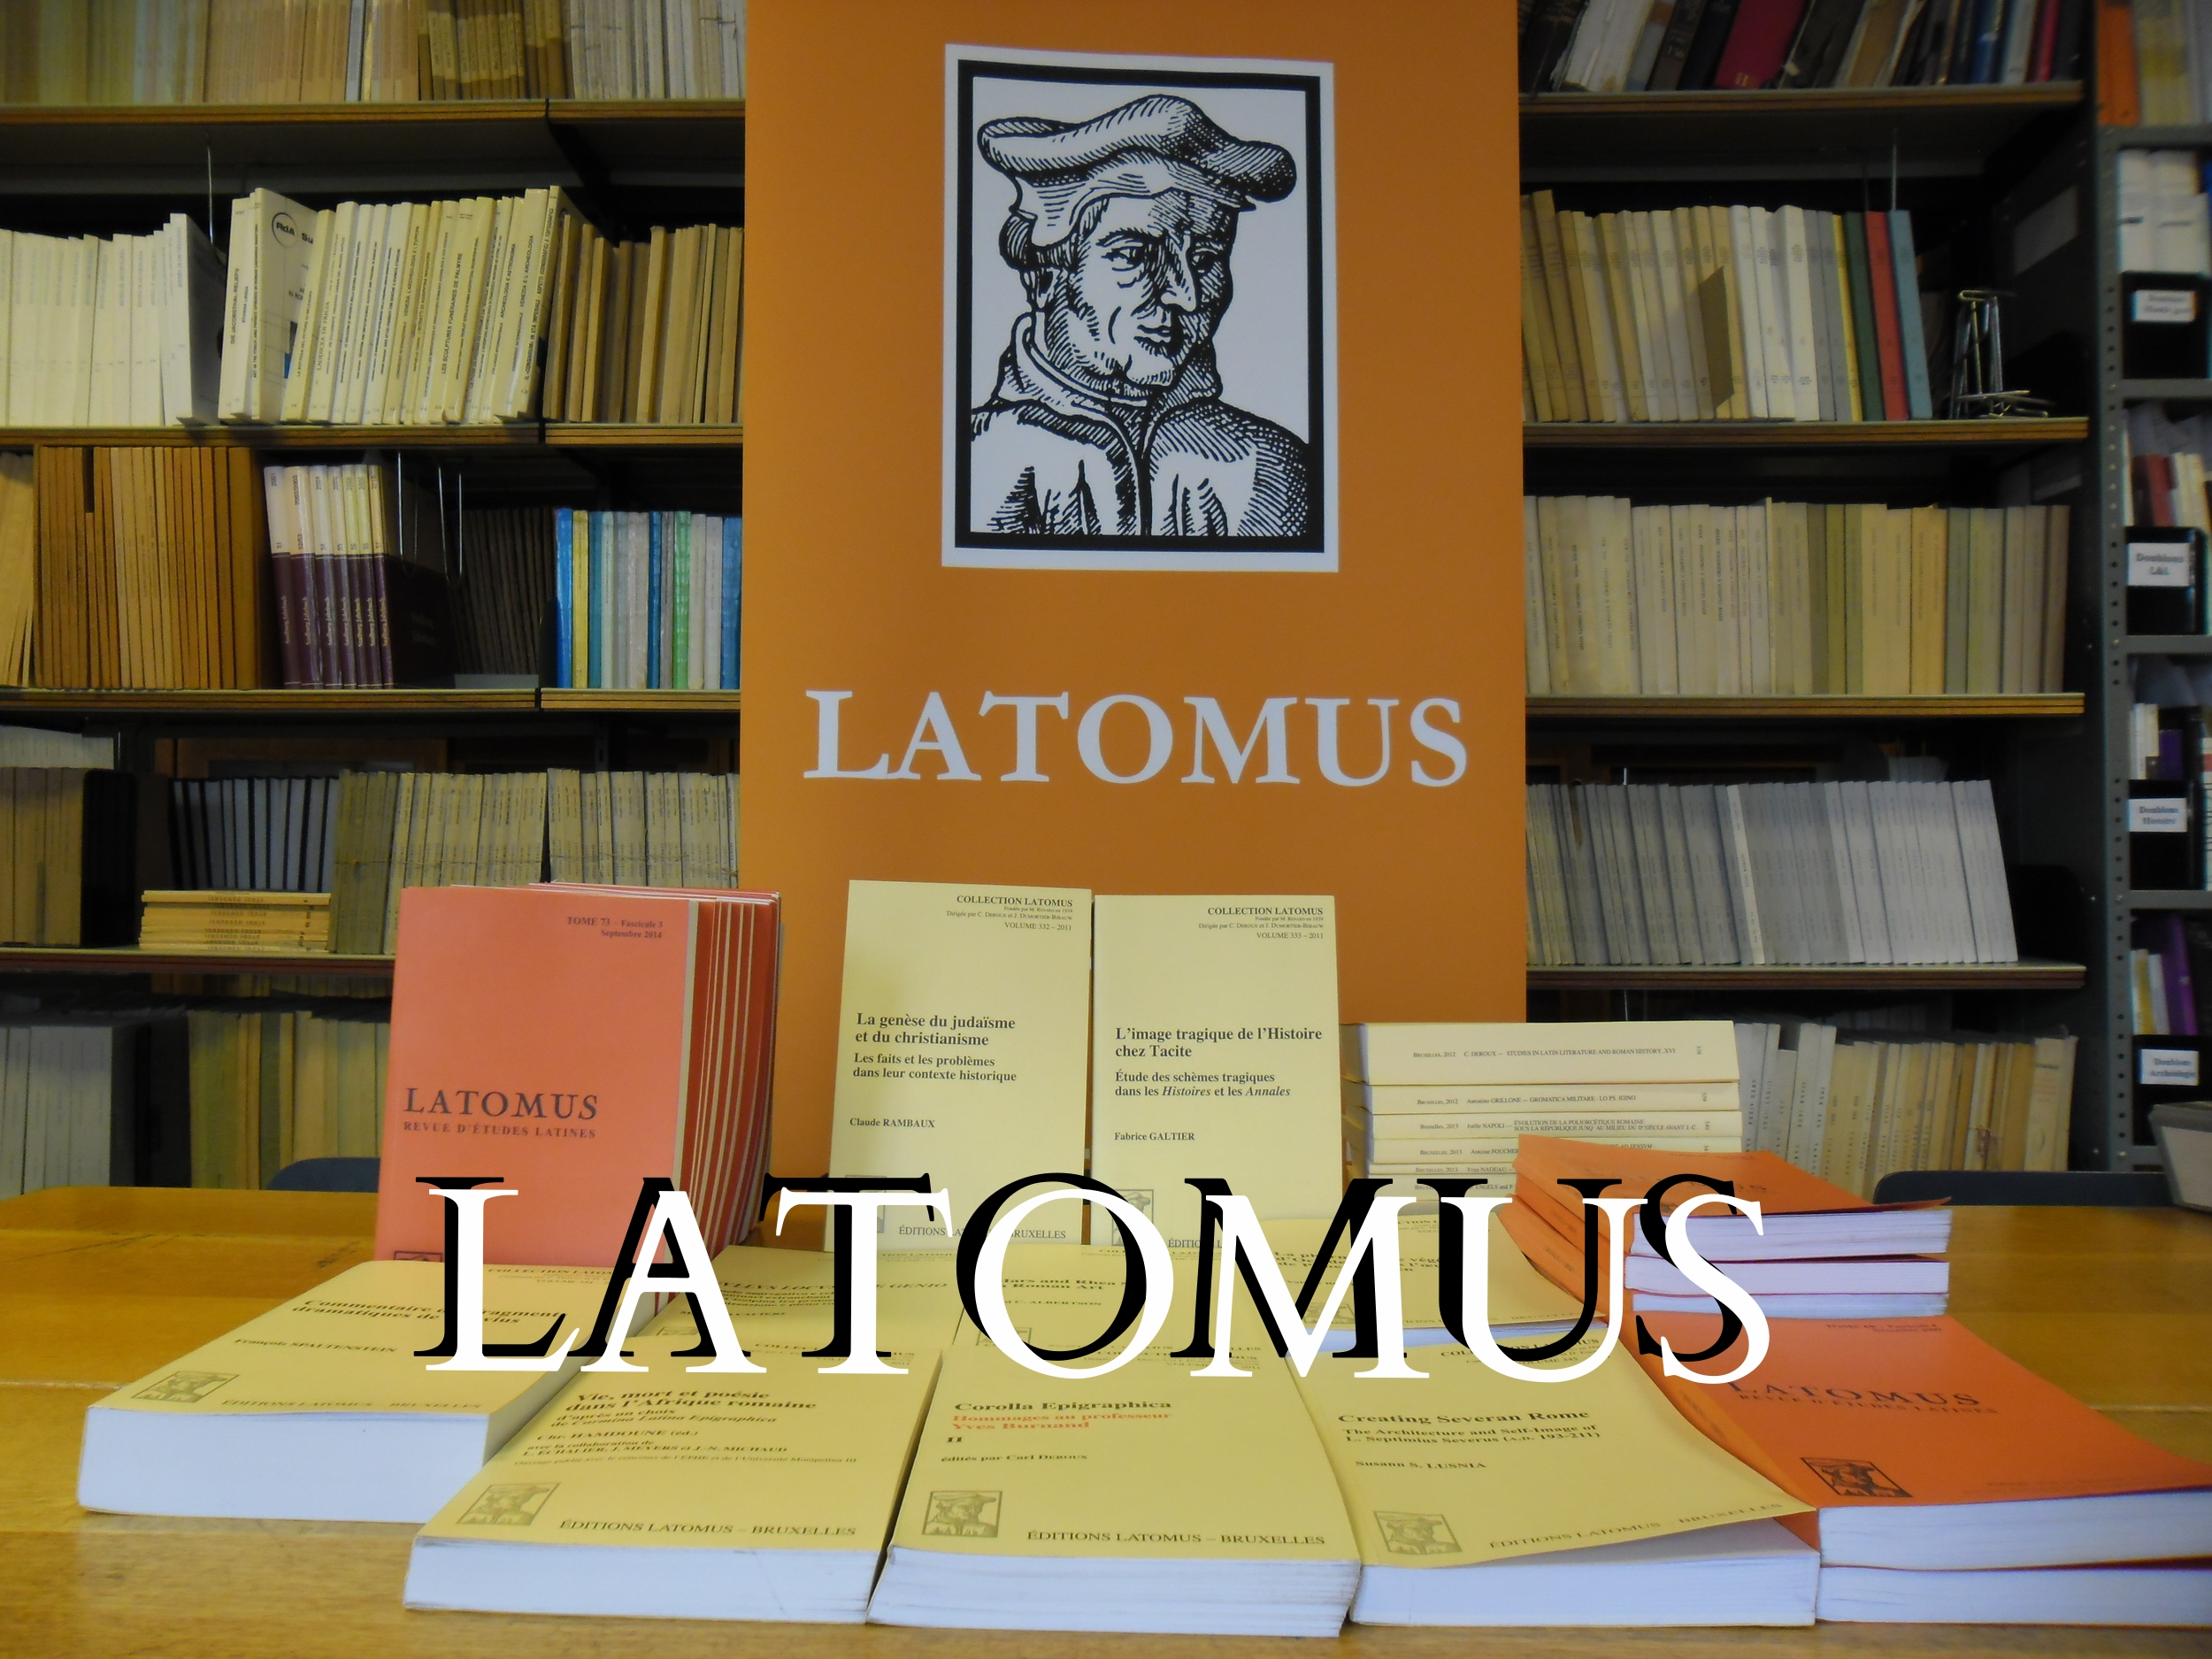 Latomus